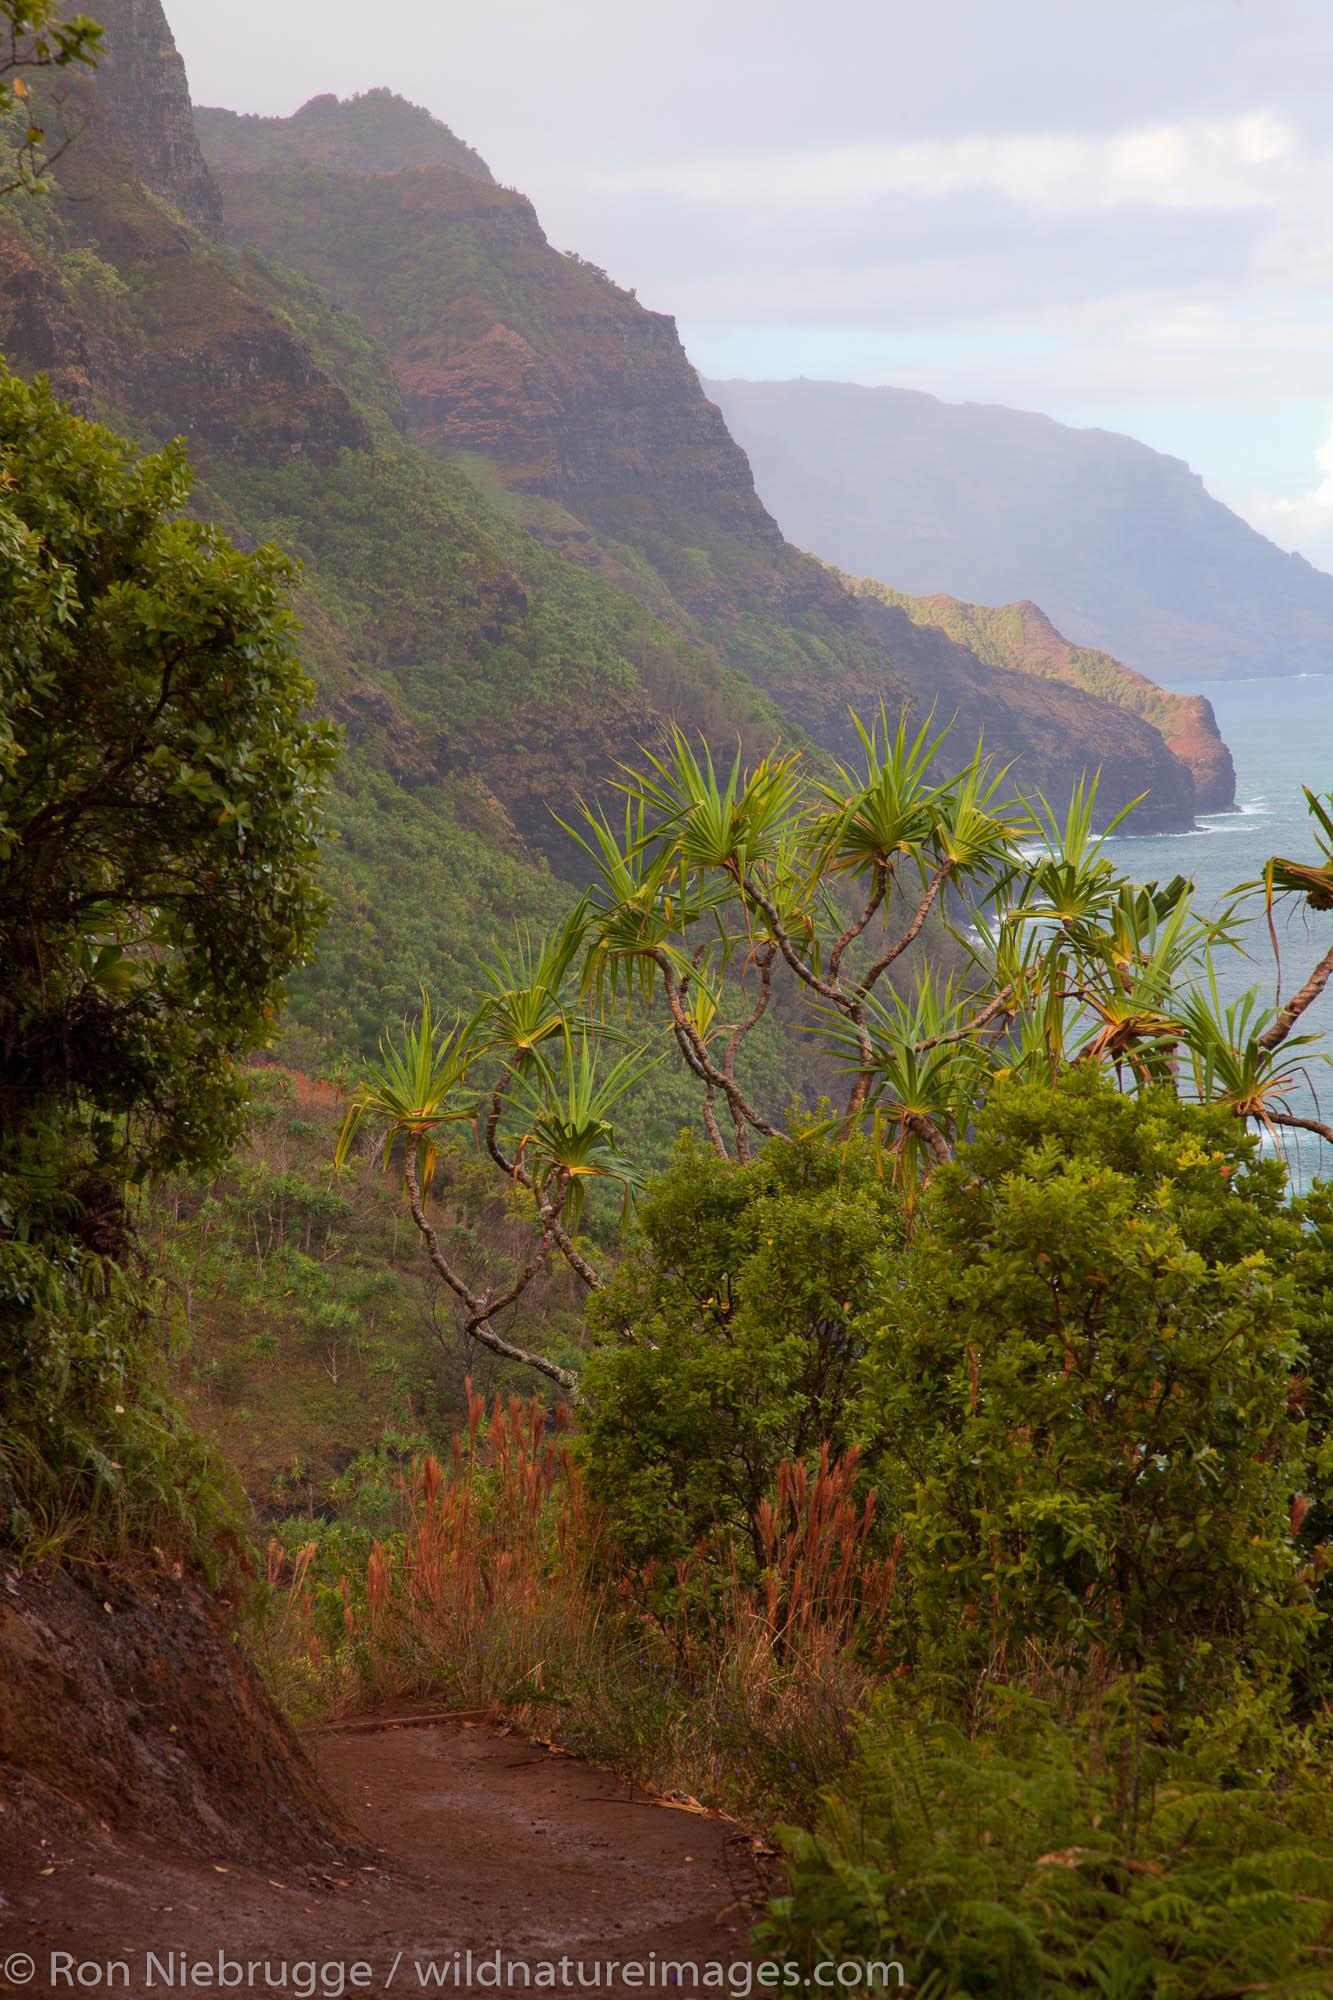 Na Pali Coast from the Kalalau Trail, Kauai, Hawaii.